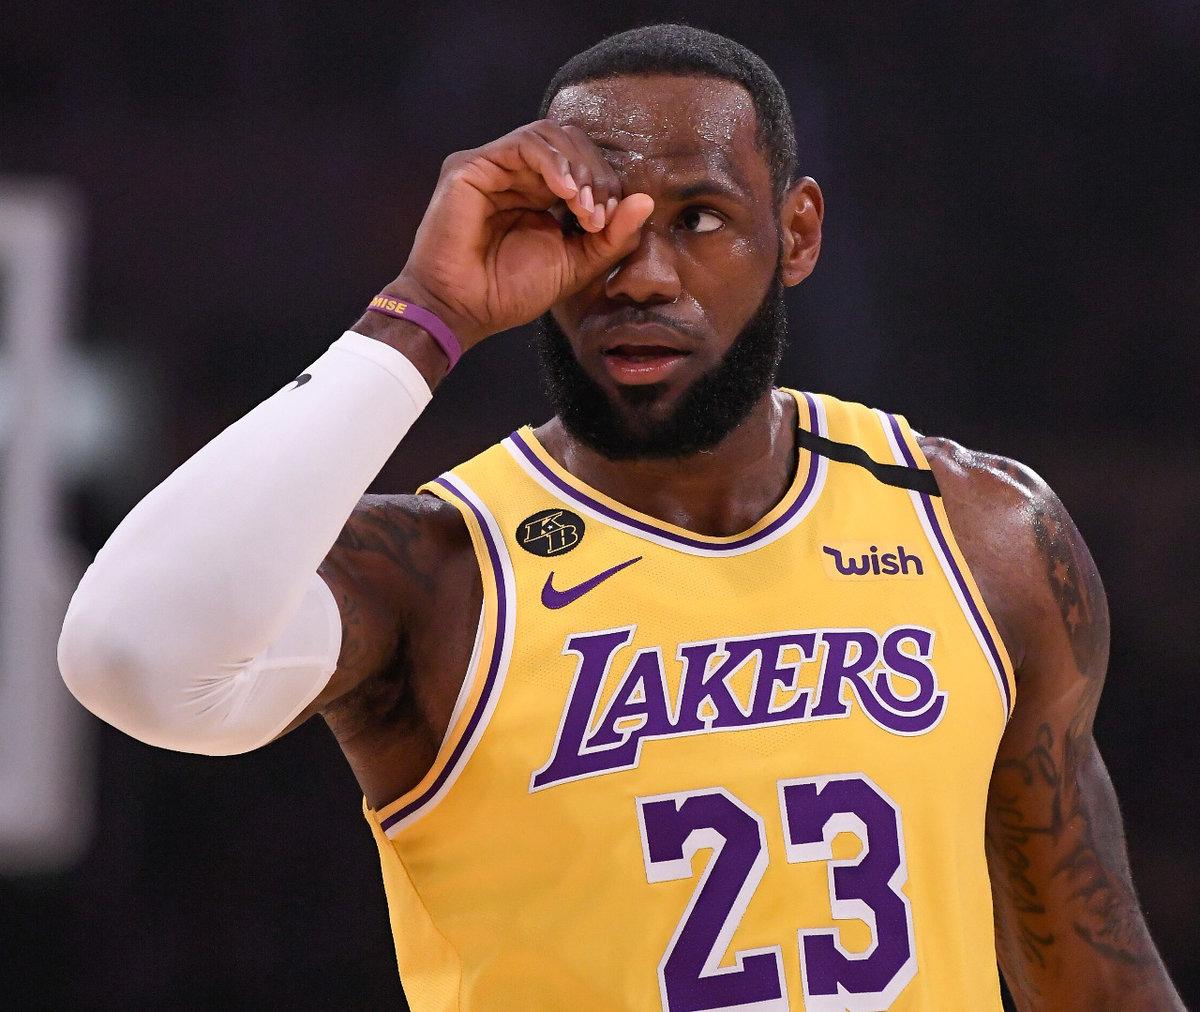 Звезды НБА предлагают судить Трампа. Аолимпийского чемпиона увольняют заКапитолий